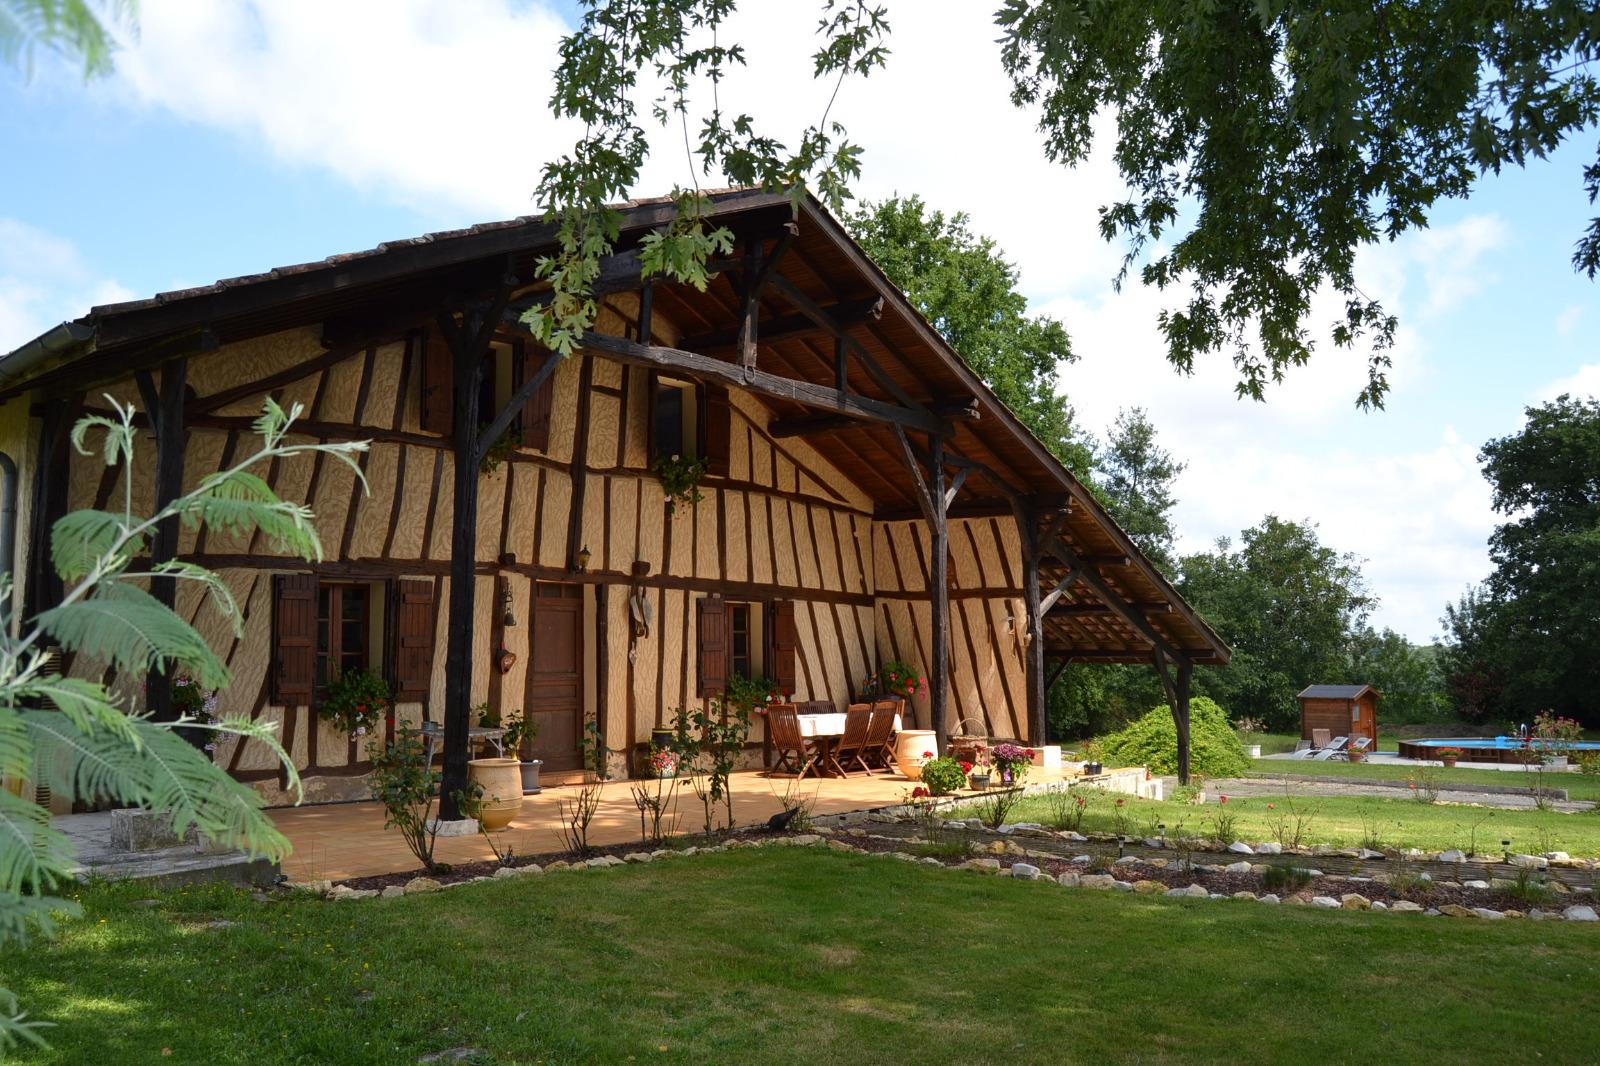 Maison landaise contemporaine for Constructeur maison landaise